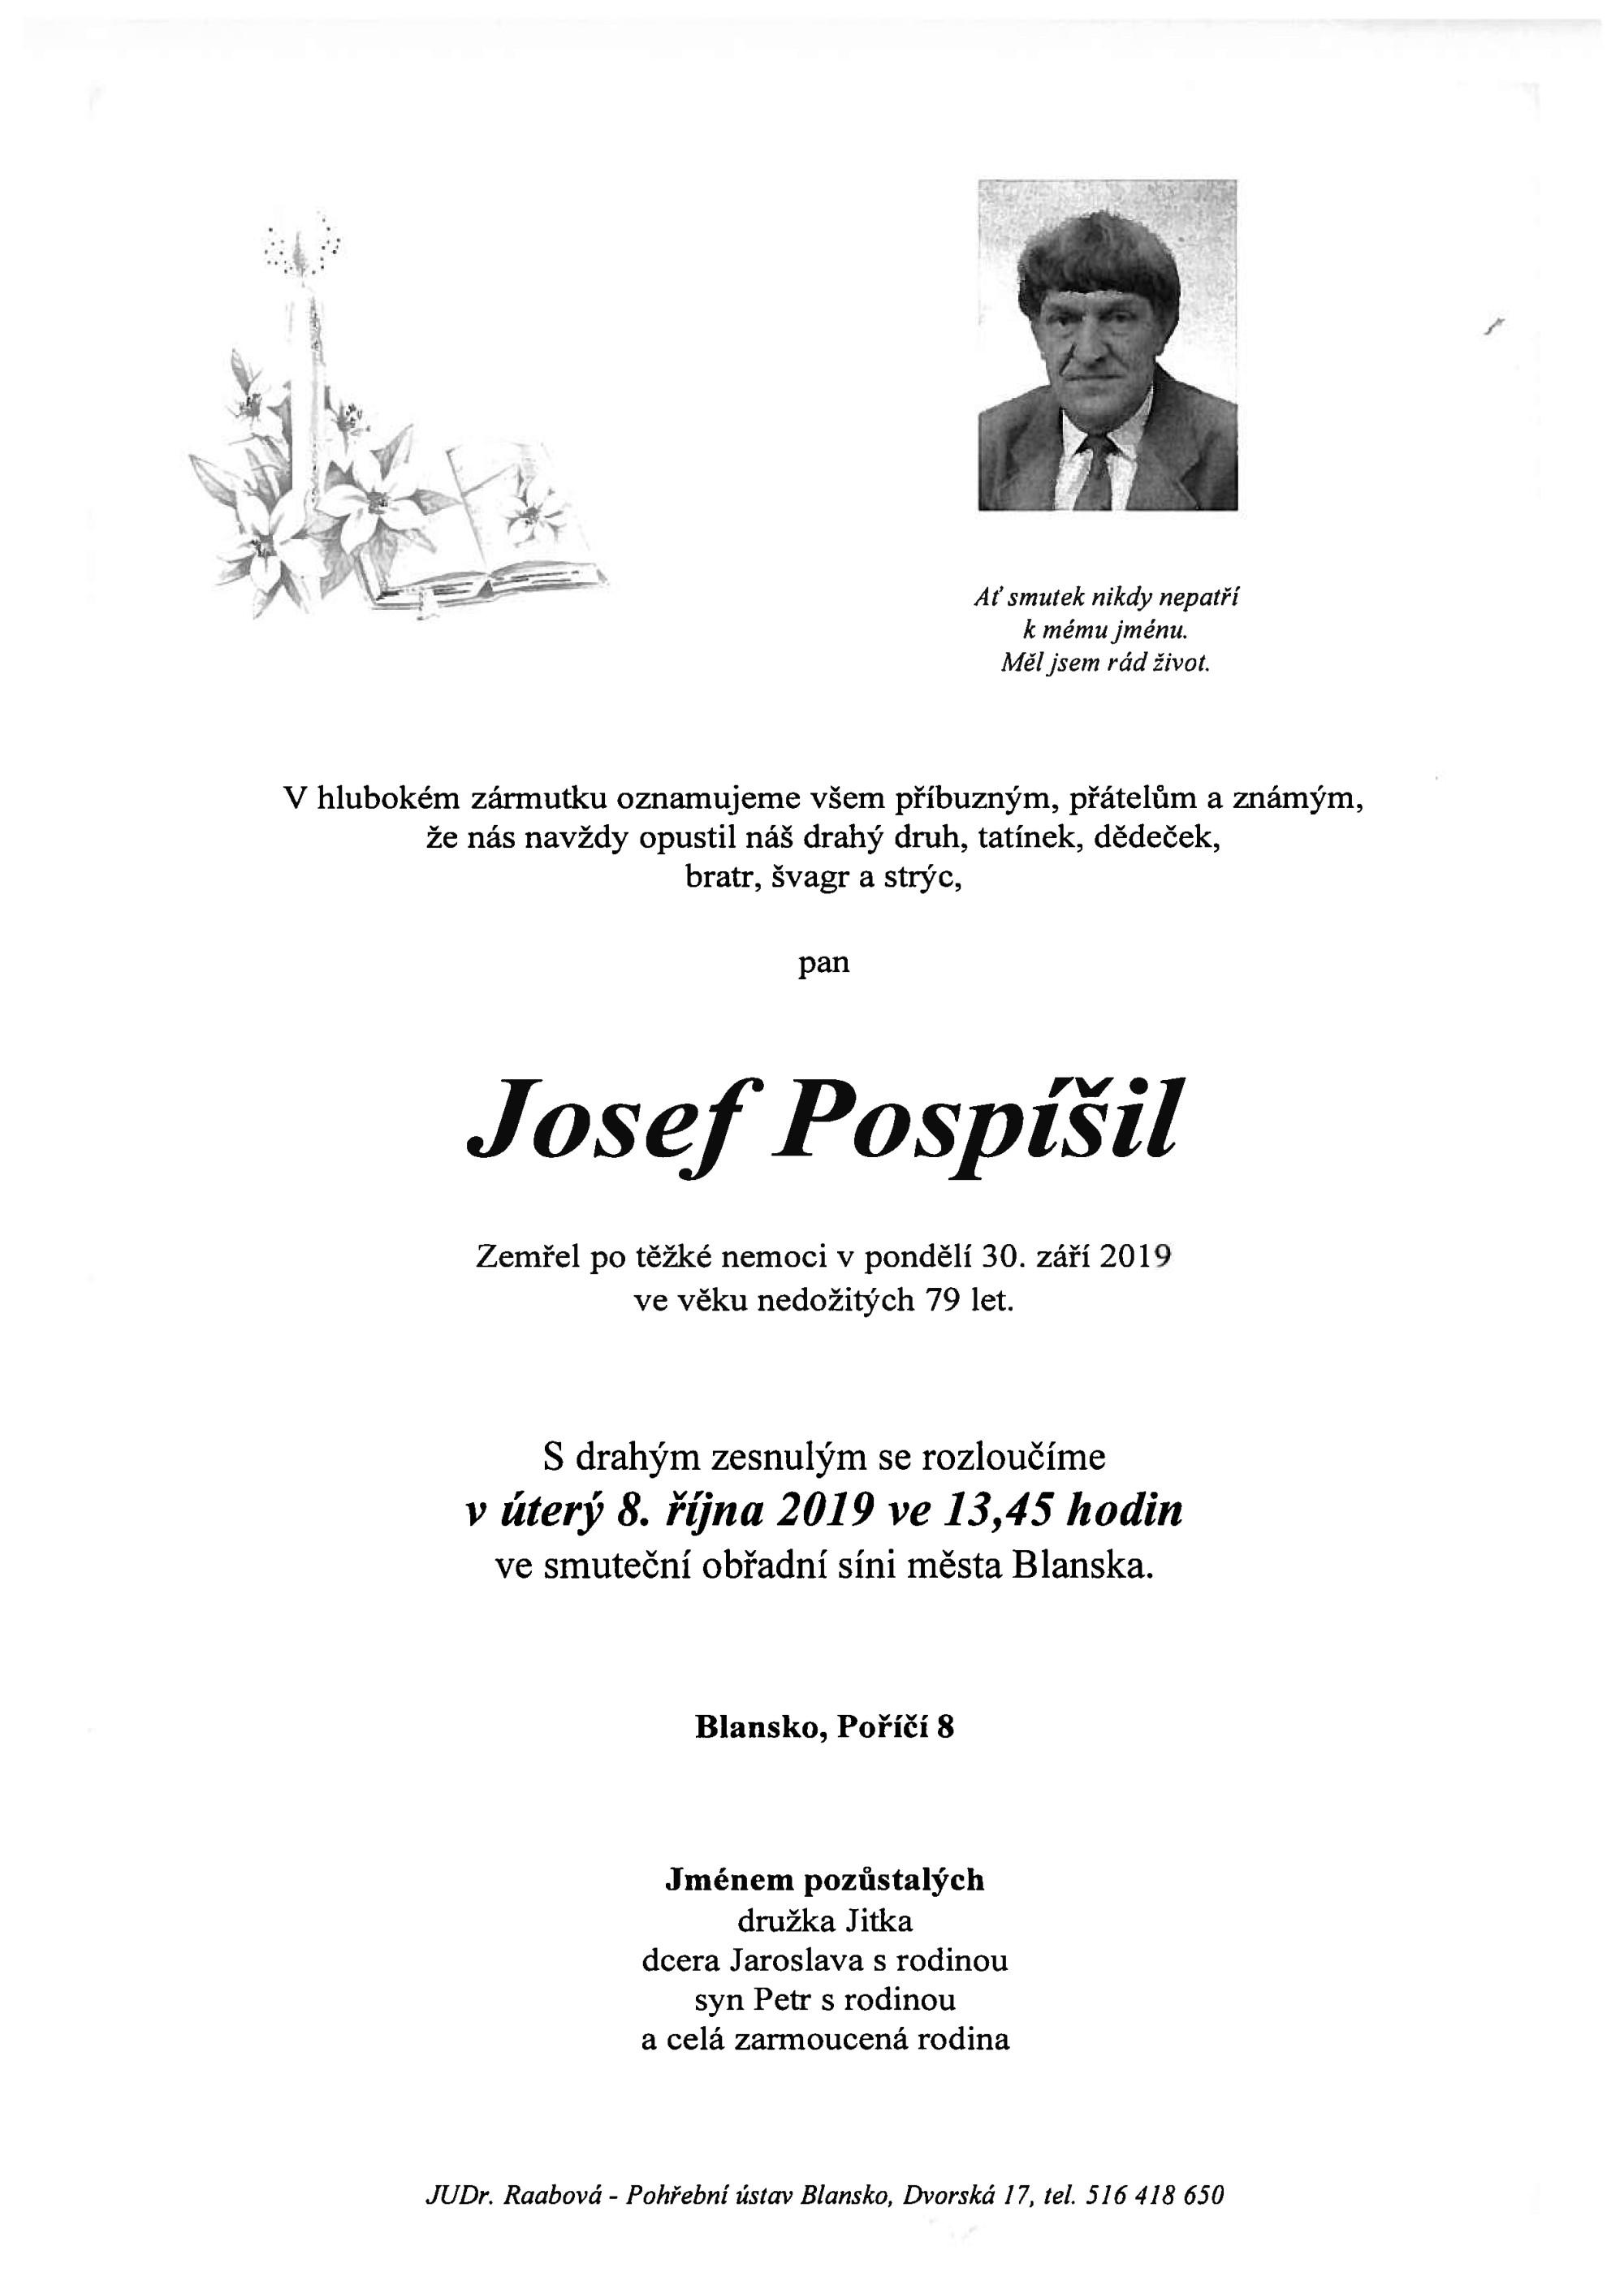 Josef Pospíšil